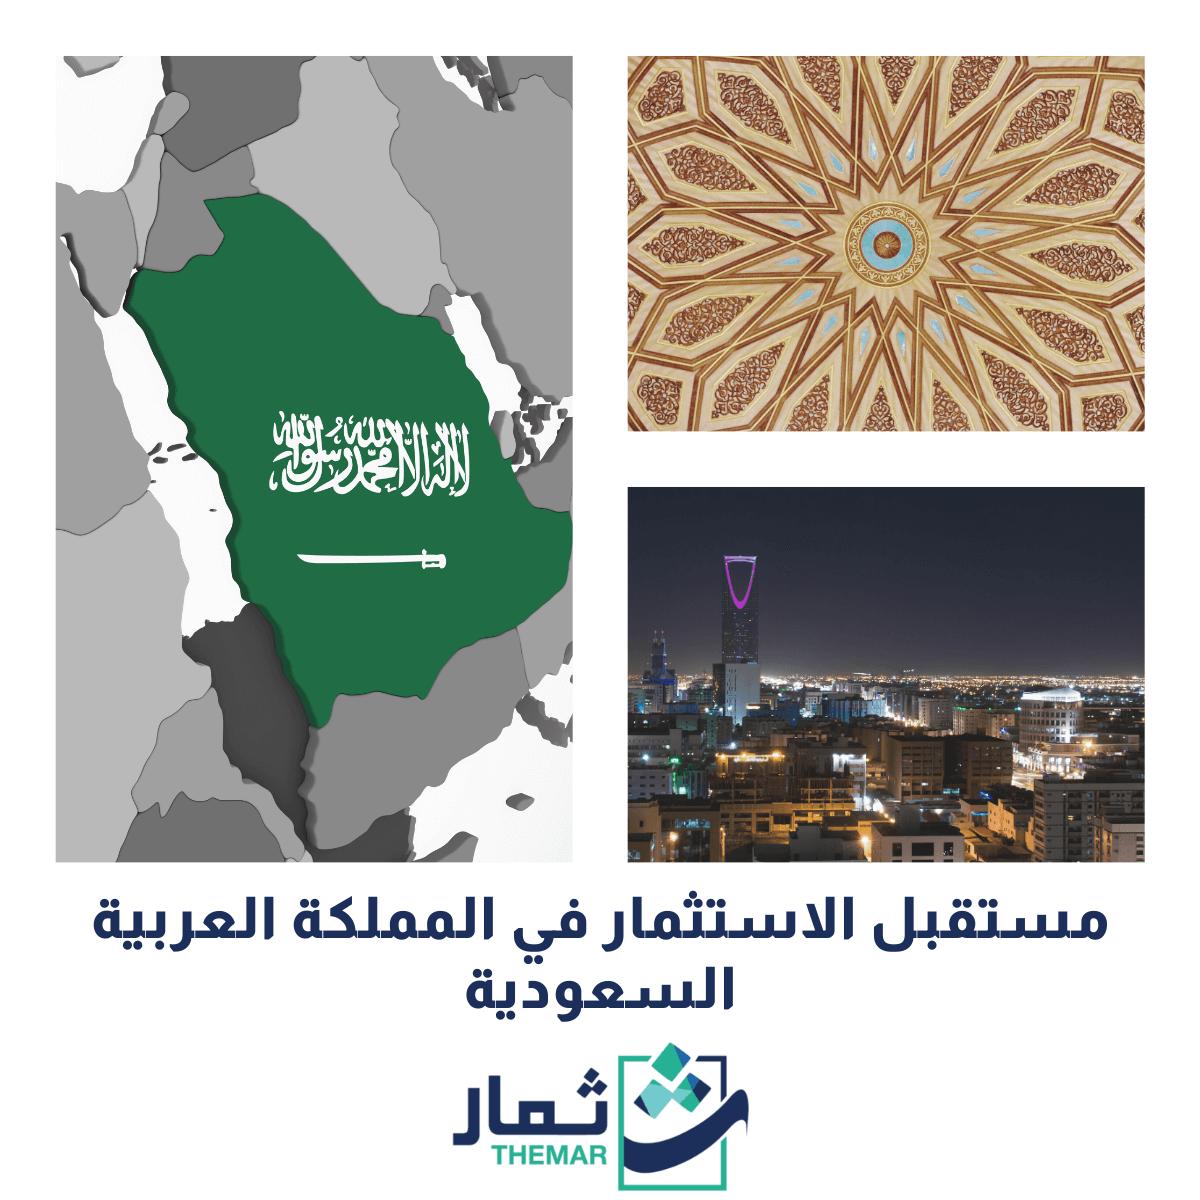 مستقبل الاستثمار في المملكة العربية السعودية